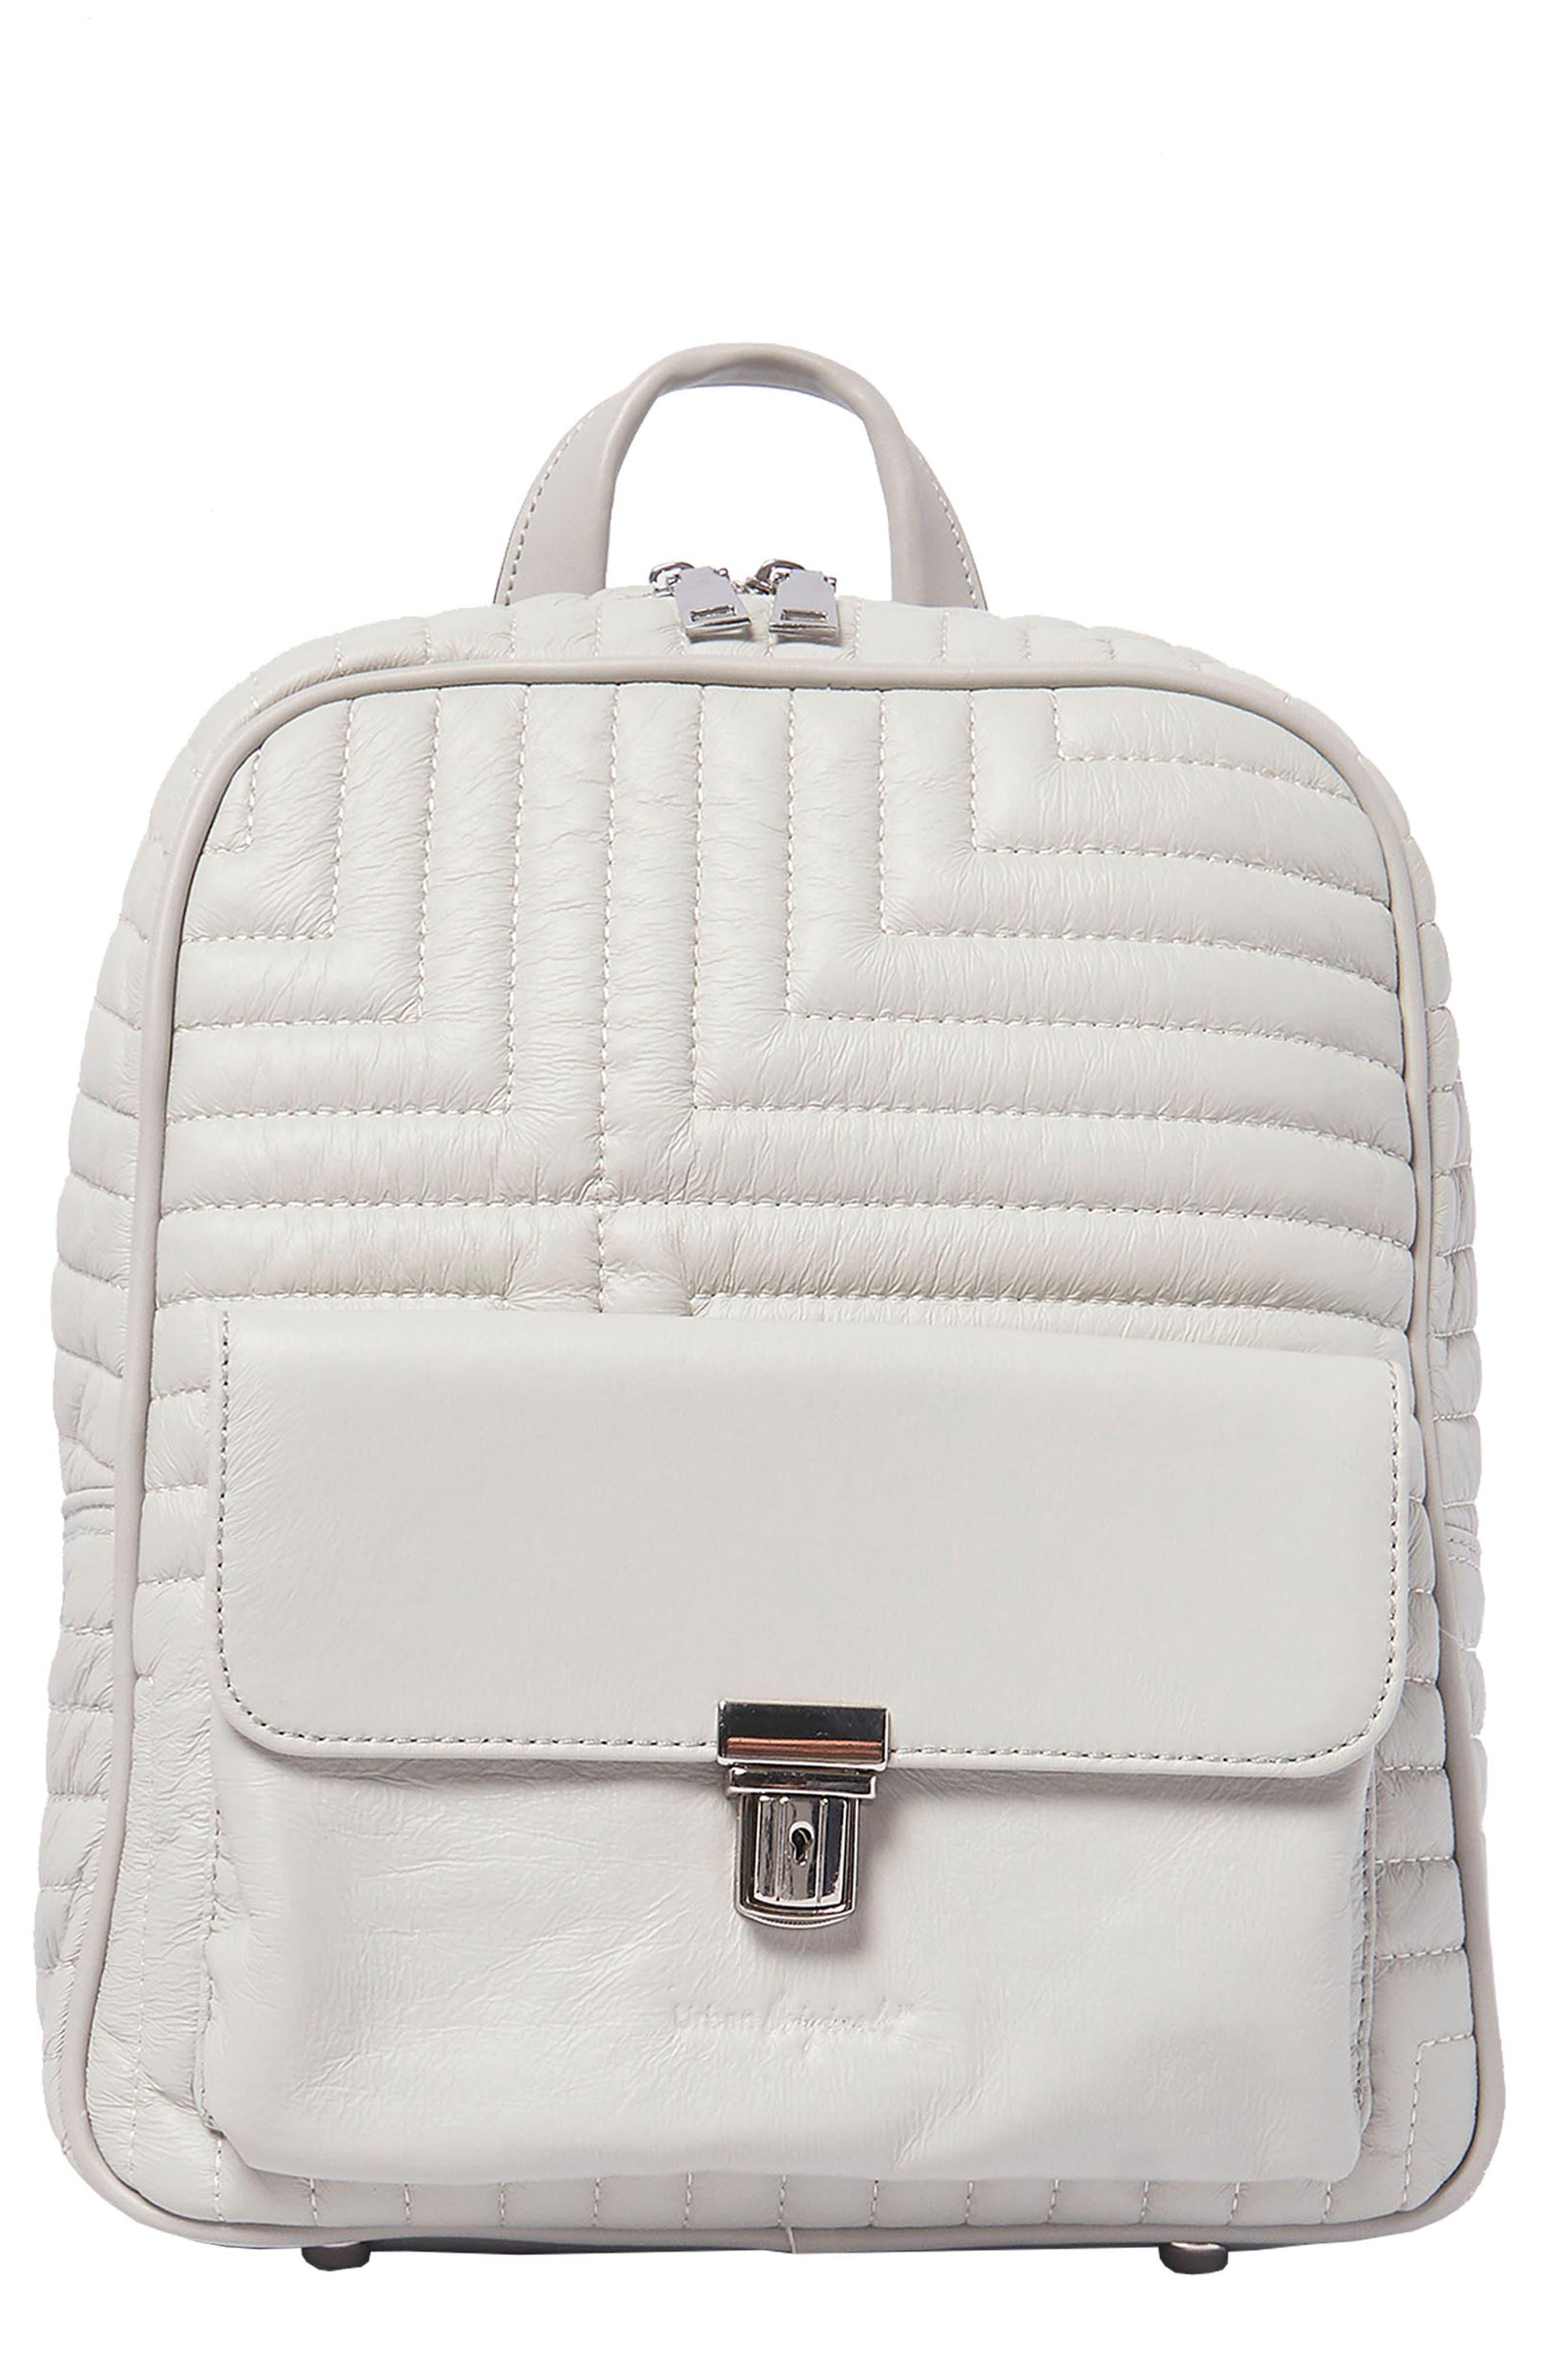 Essential Vegan Leather Backpack in Grey